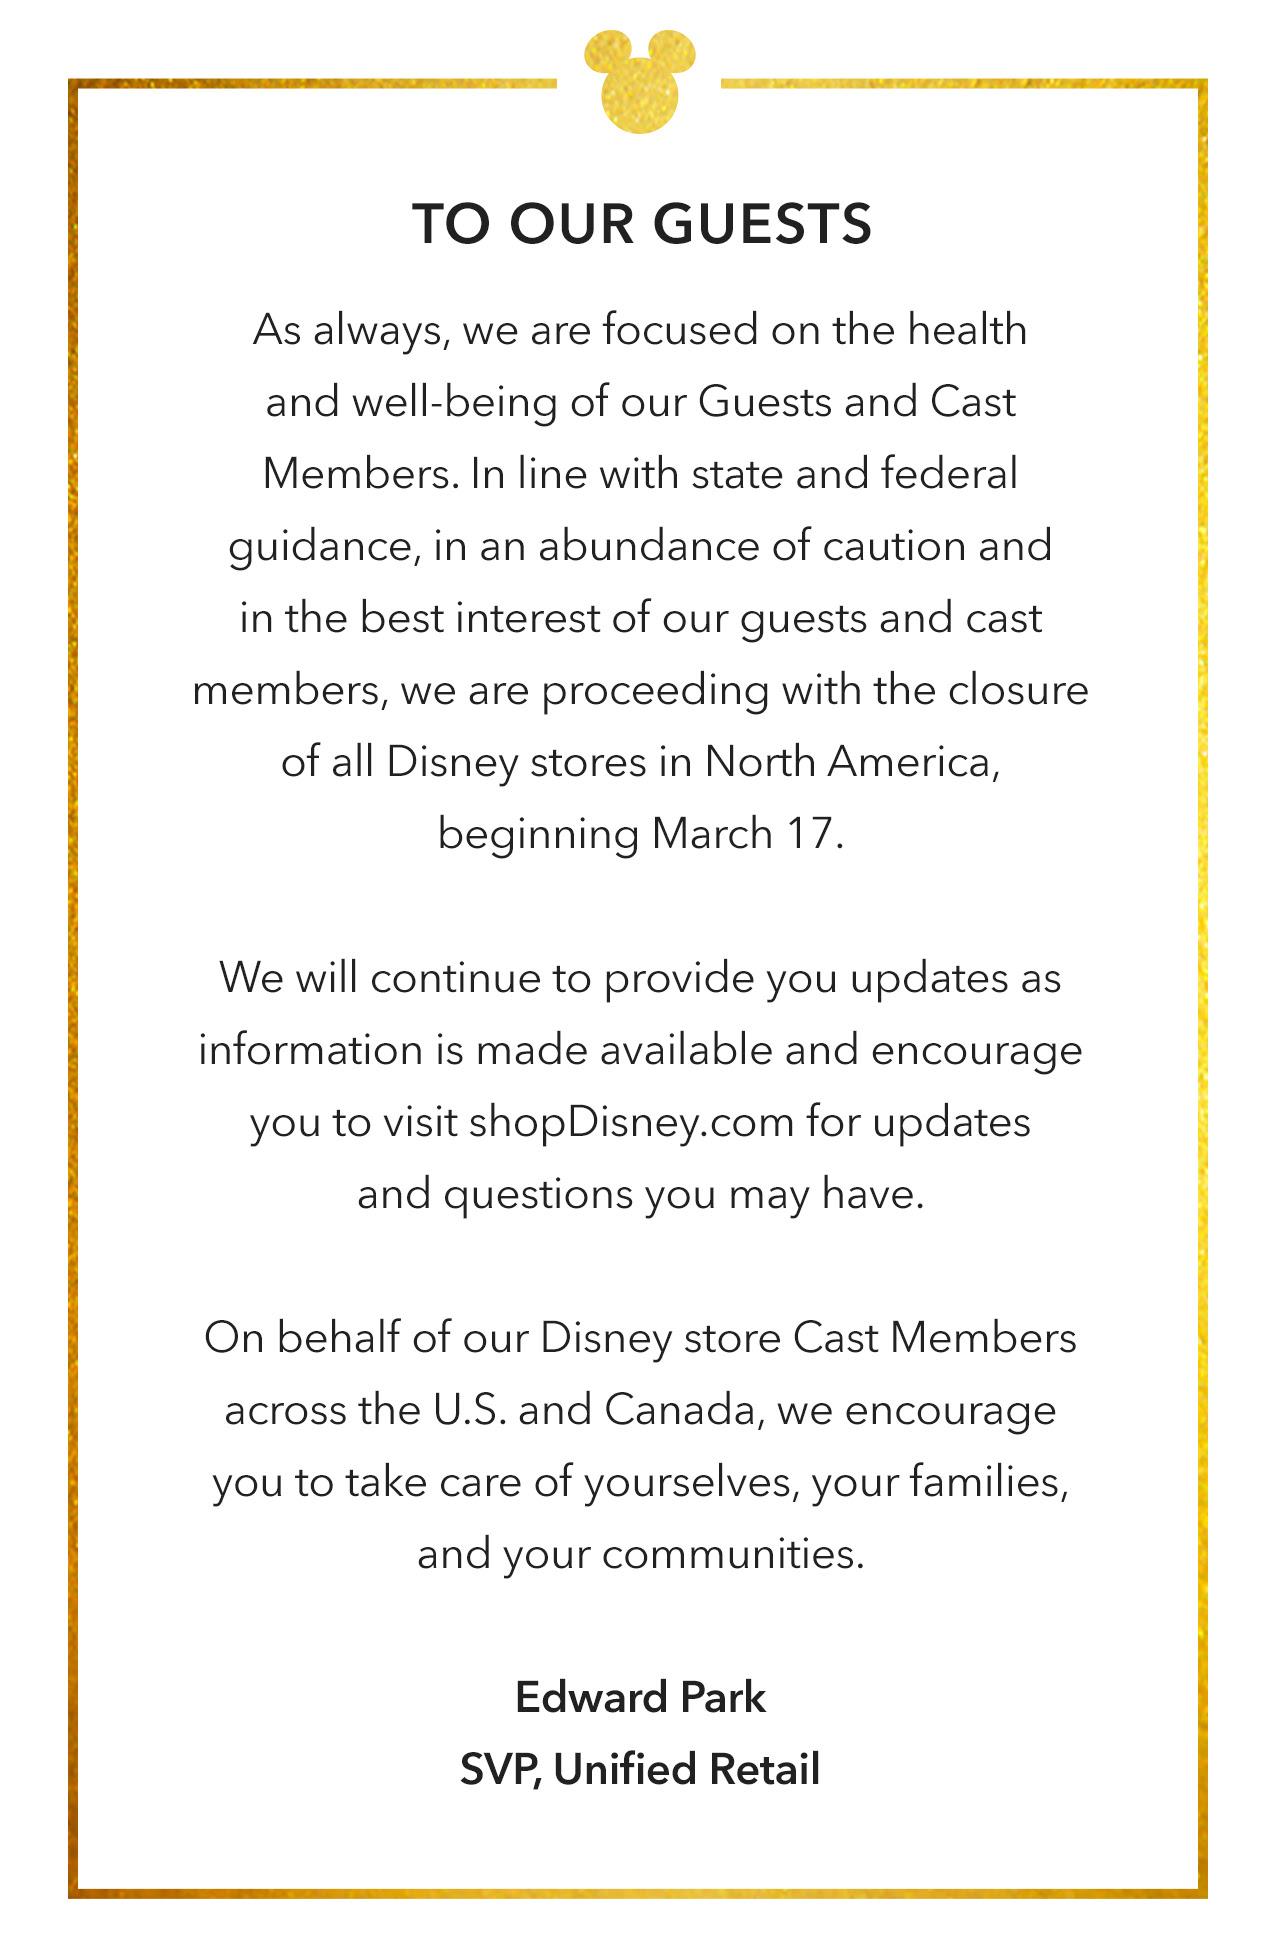 アメリカの新型コロナの状況 ディズニー関係 2020年03月16日